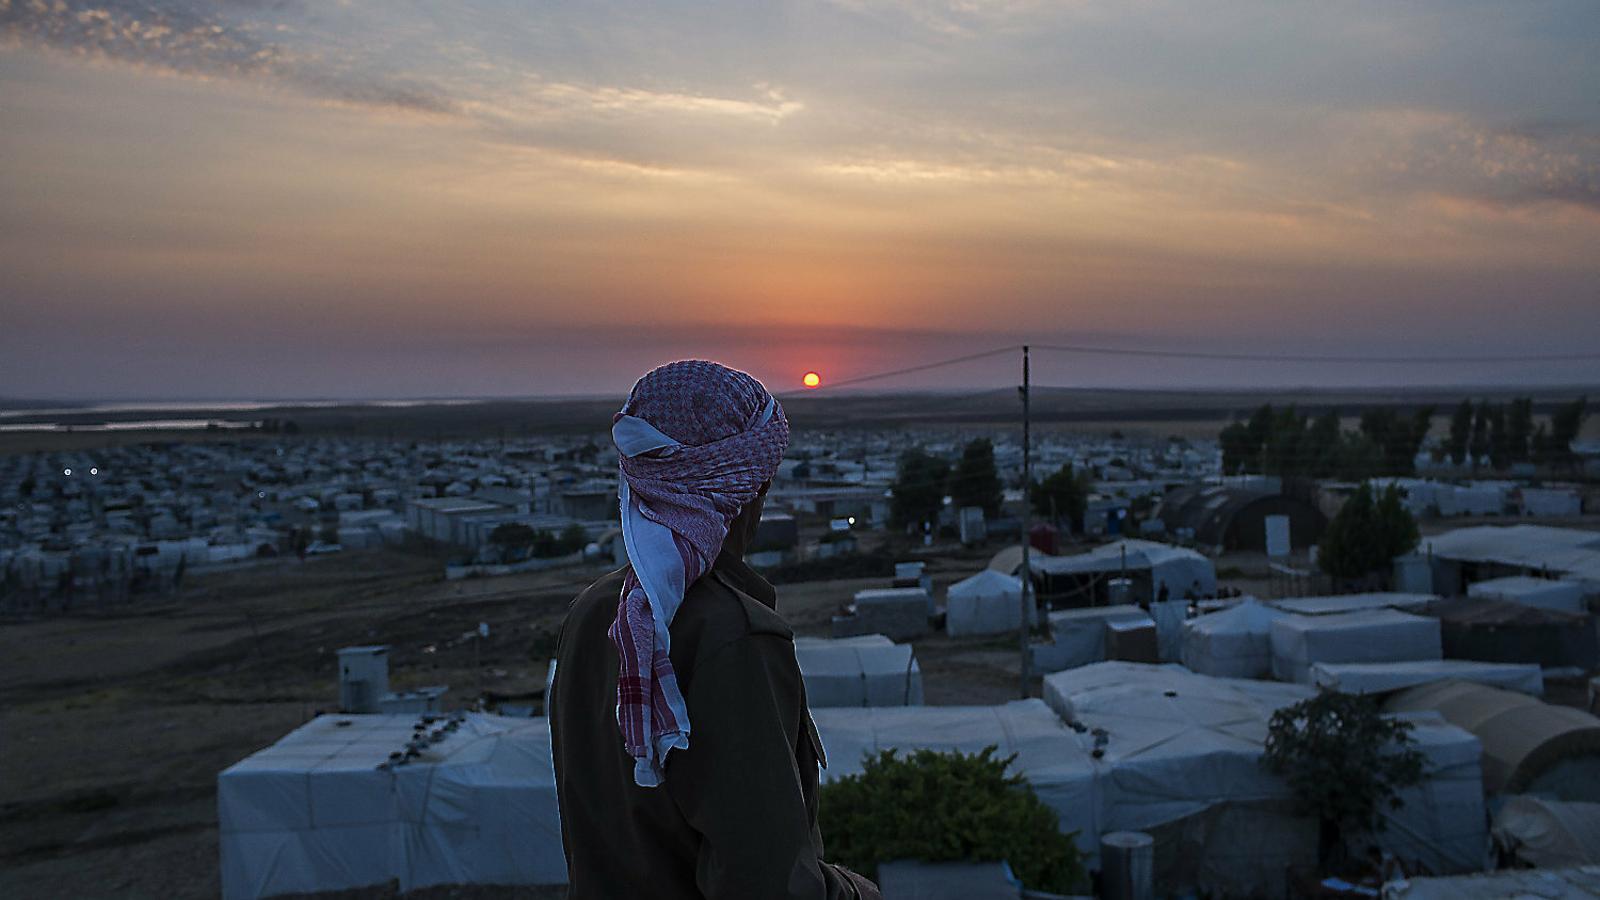 El poble yazidita, sense esperança de tornar a casa cinc anys després del genocidi